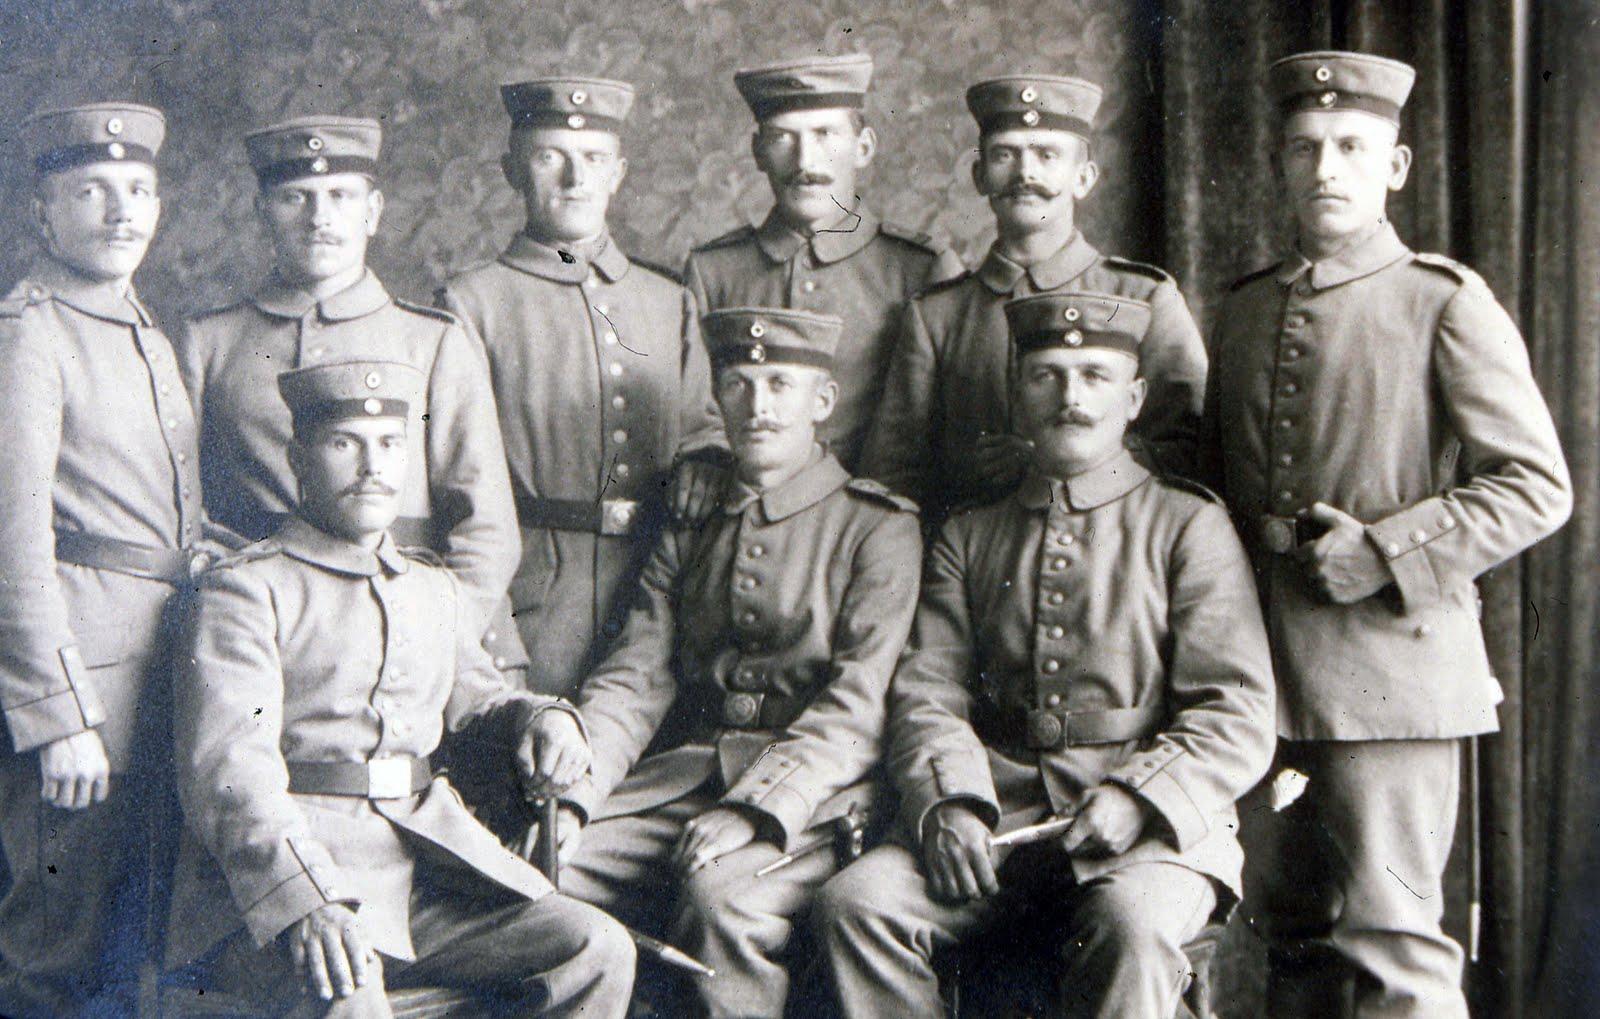 soldaten nach dem zweiten weltkrieg